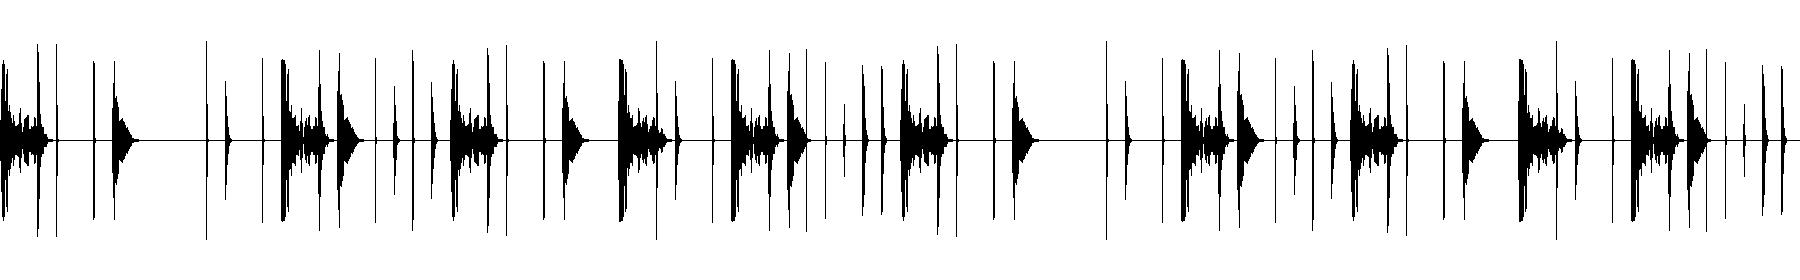 80 drumloop sp 08